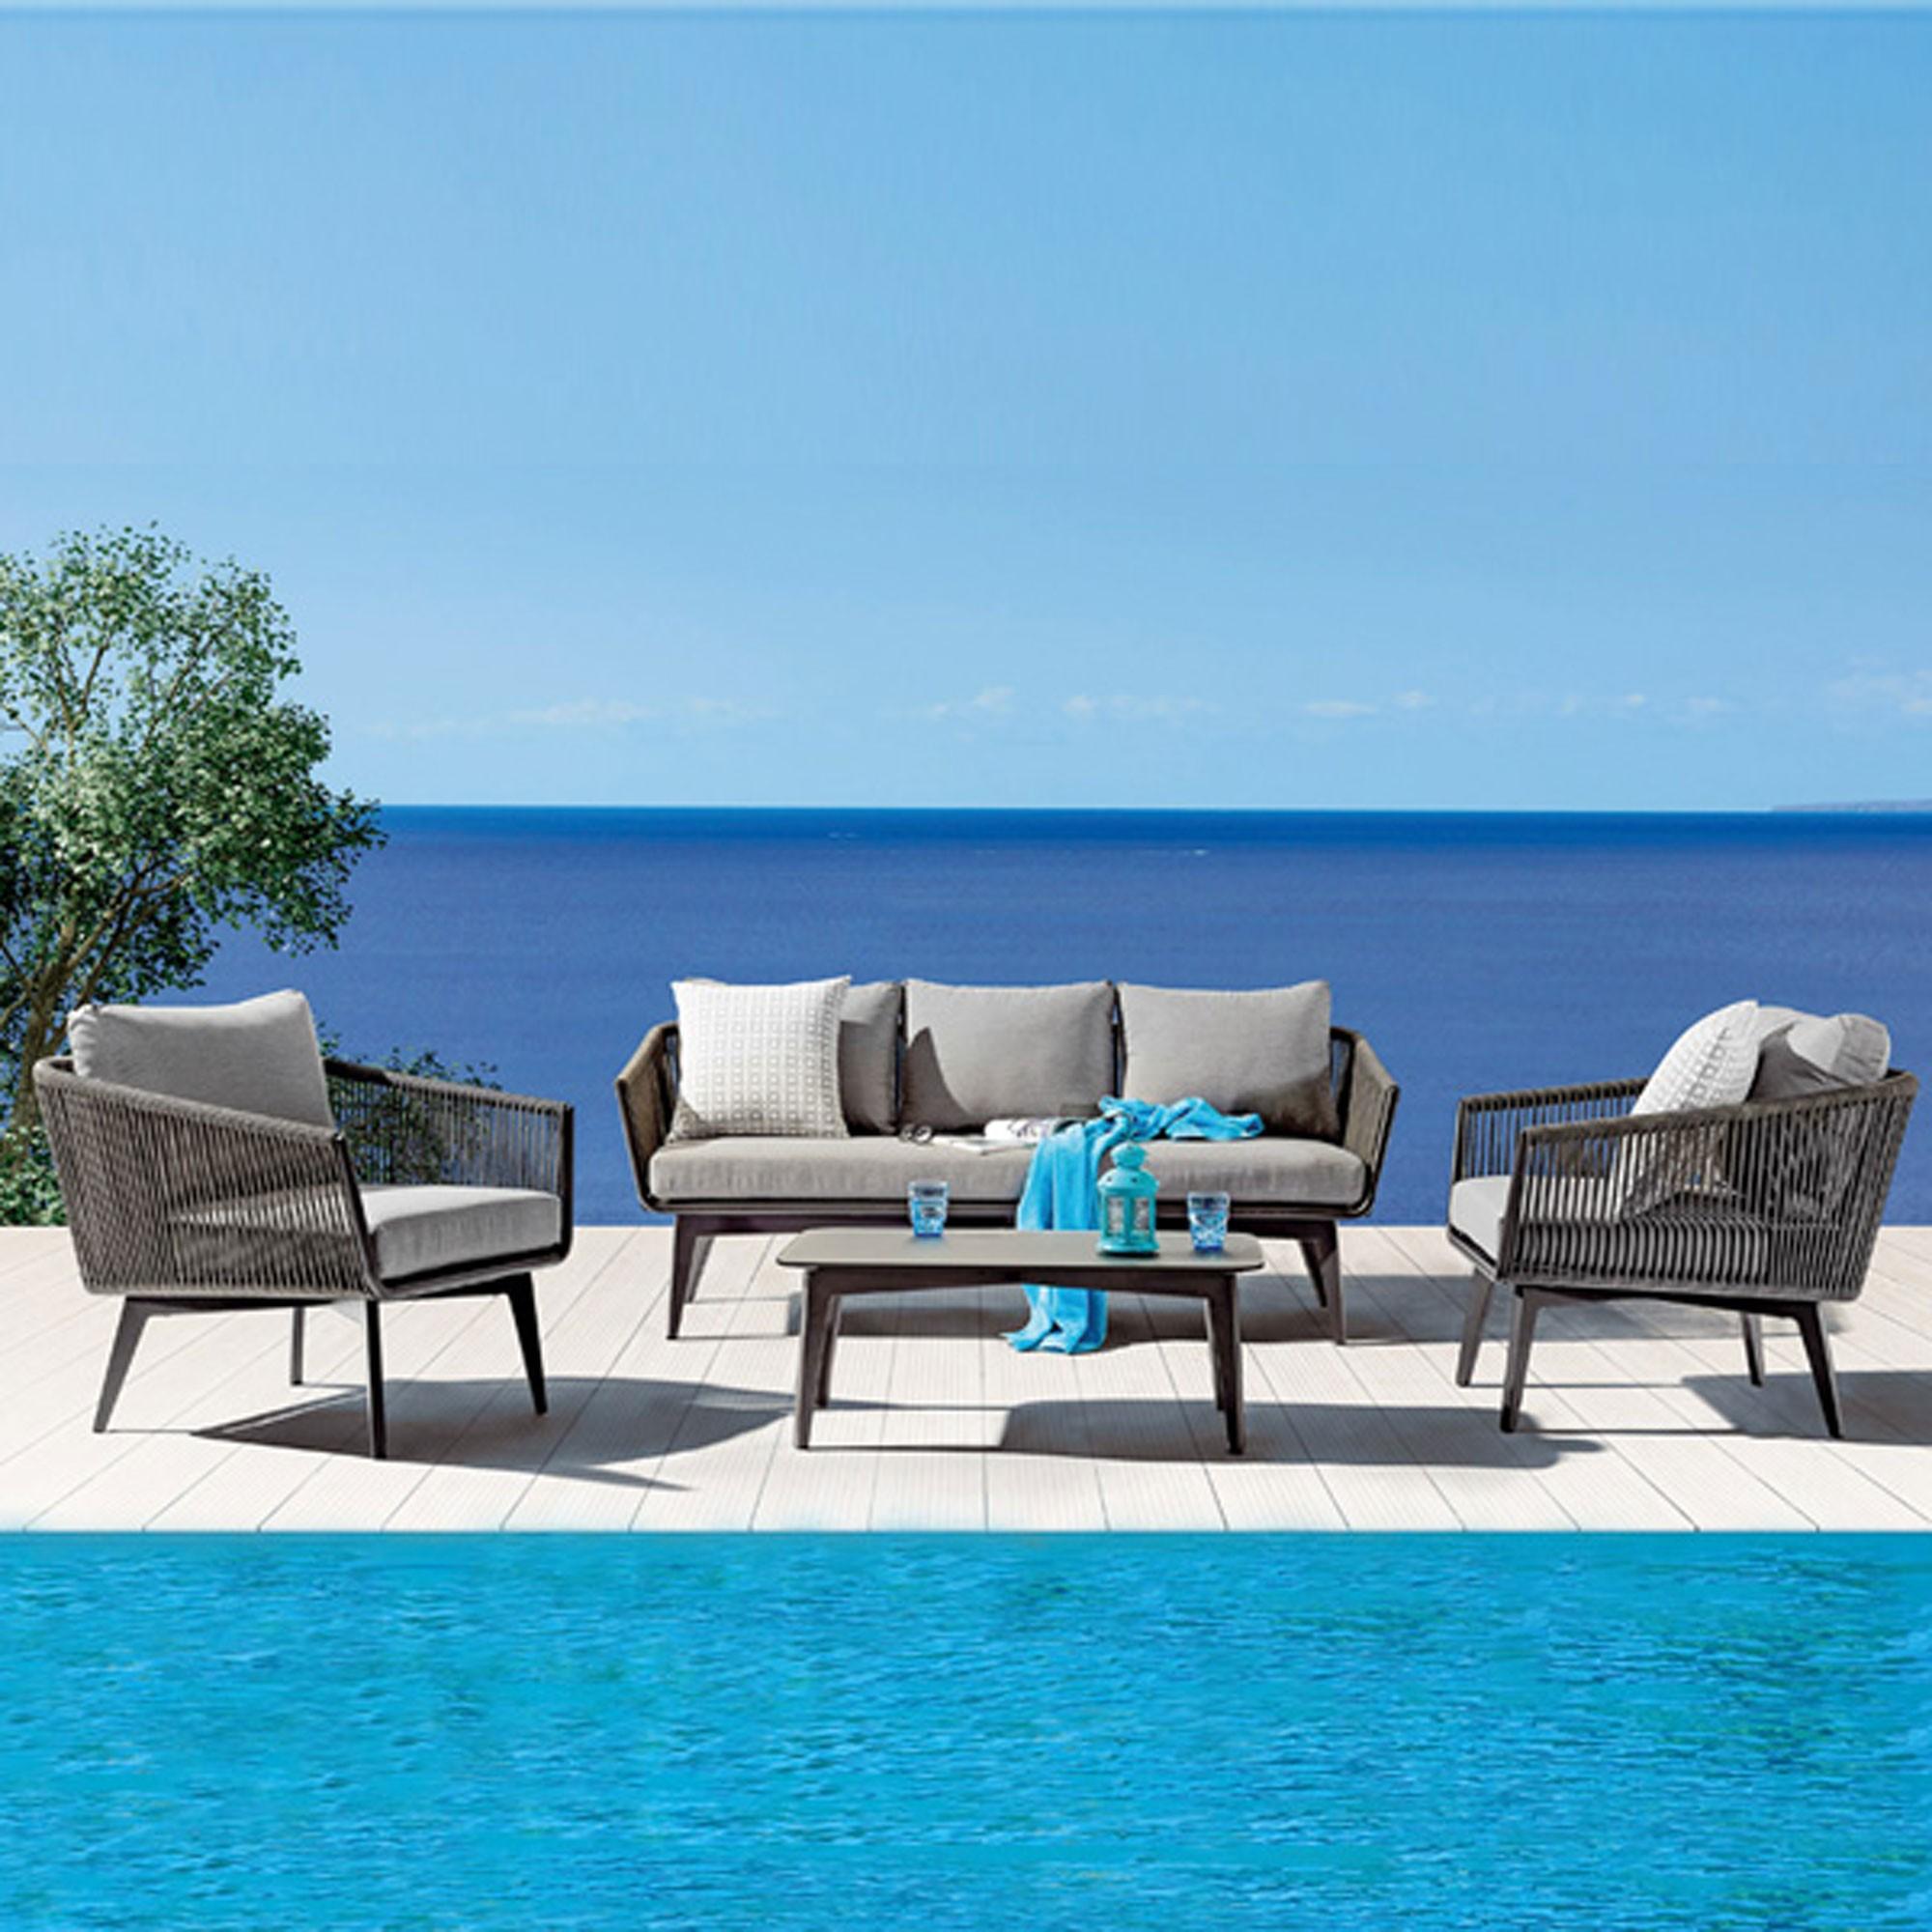 basse et jardin Salon DIVA Canapé2 table de fauteuils 1 LMUqGjSzVp